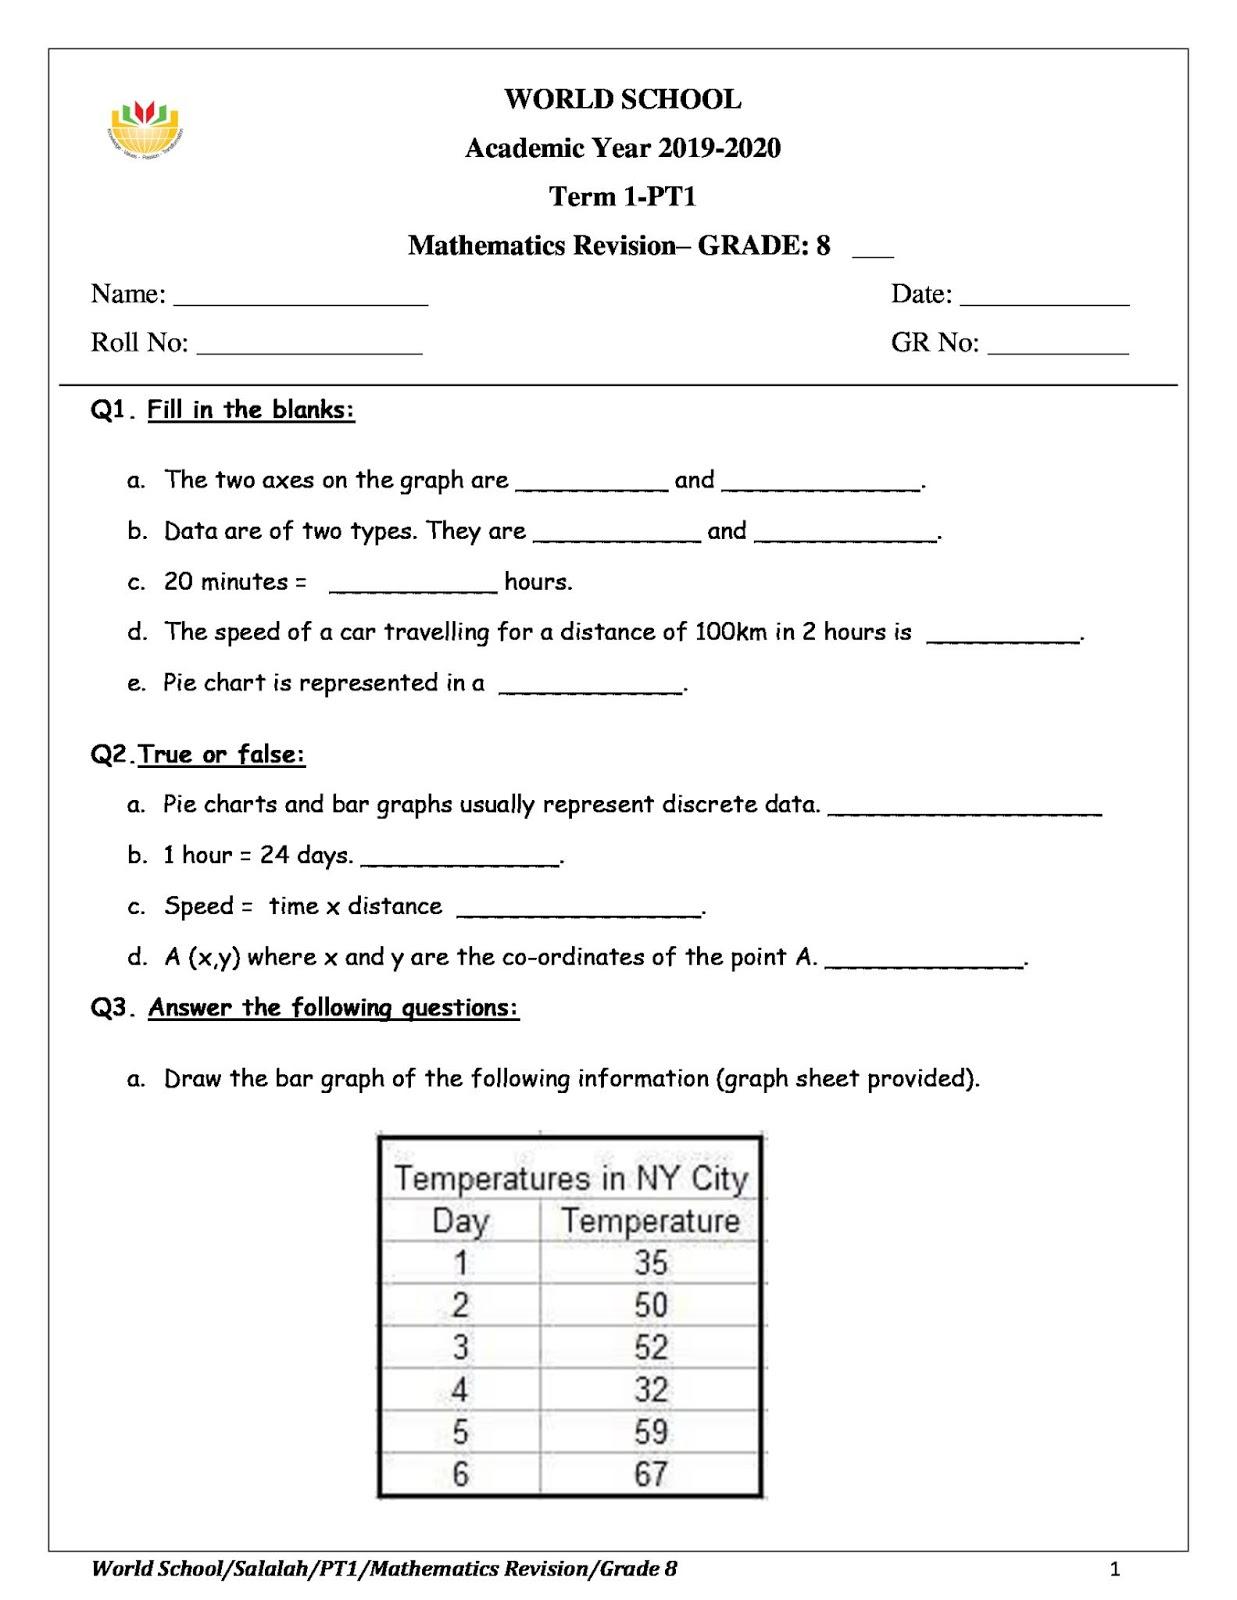 medium resolution of WORLD SCHOOL OMAN: Revision Worksheet for Grade 8 as on 03-10-2019